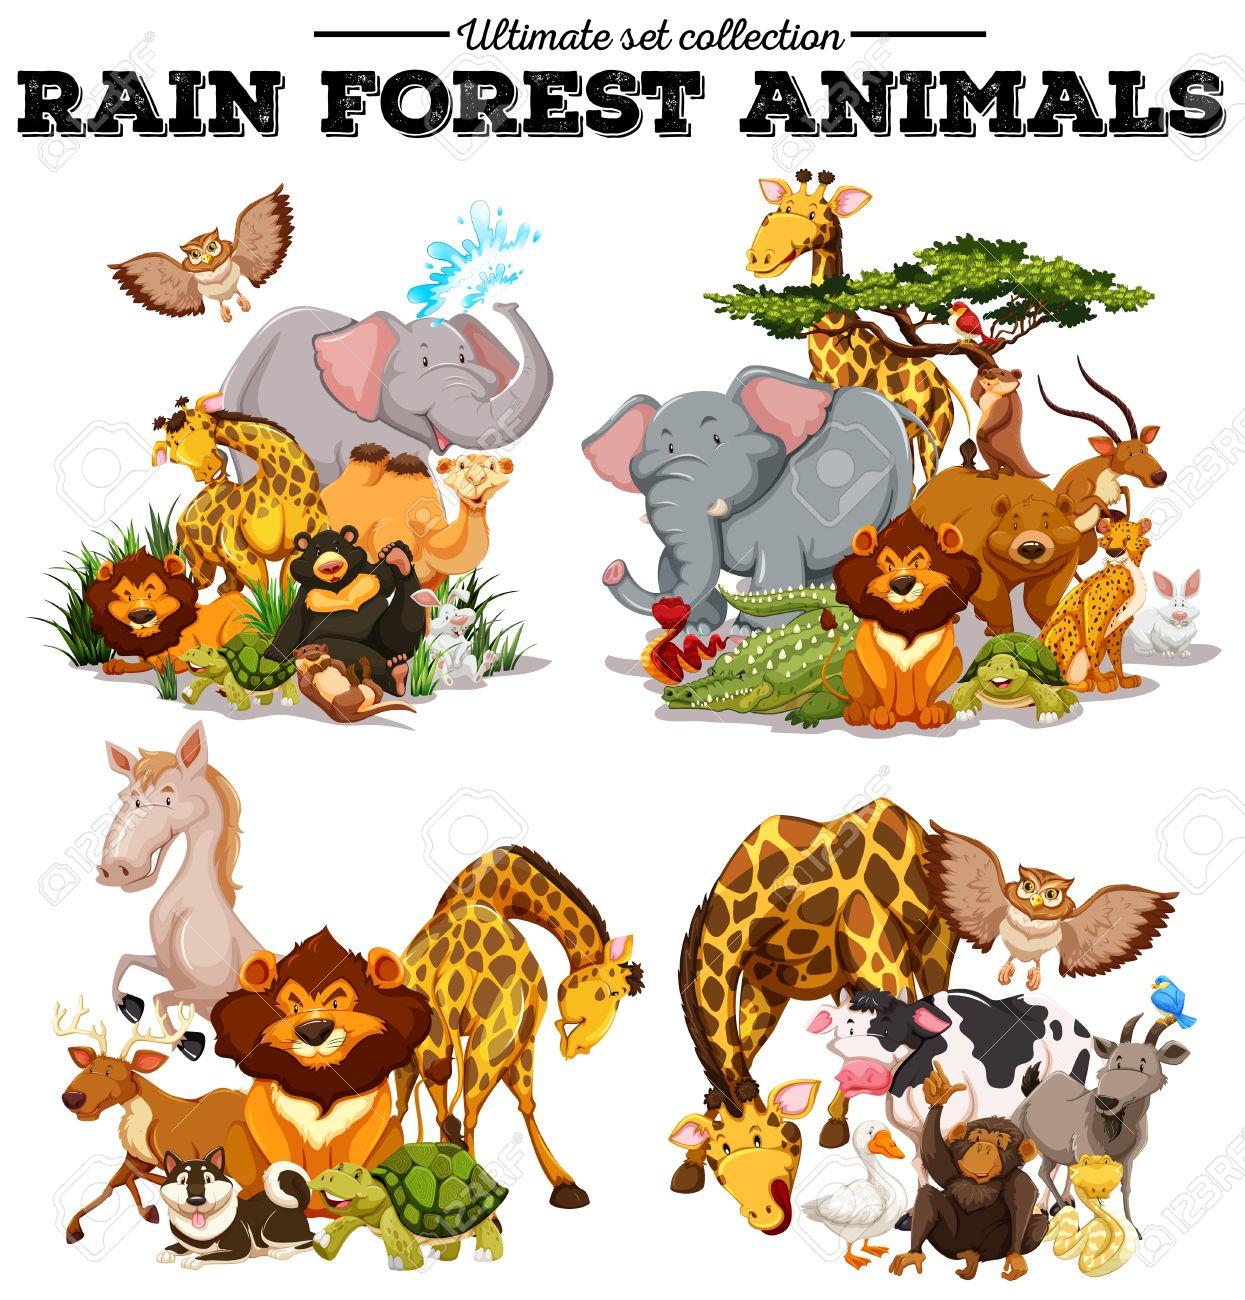 熱帯雨林の動物イラストの種類 ロイヤリティフリークリップアート